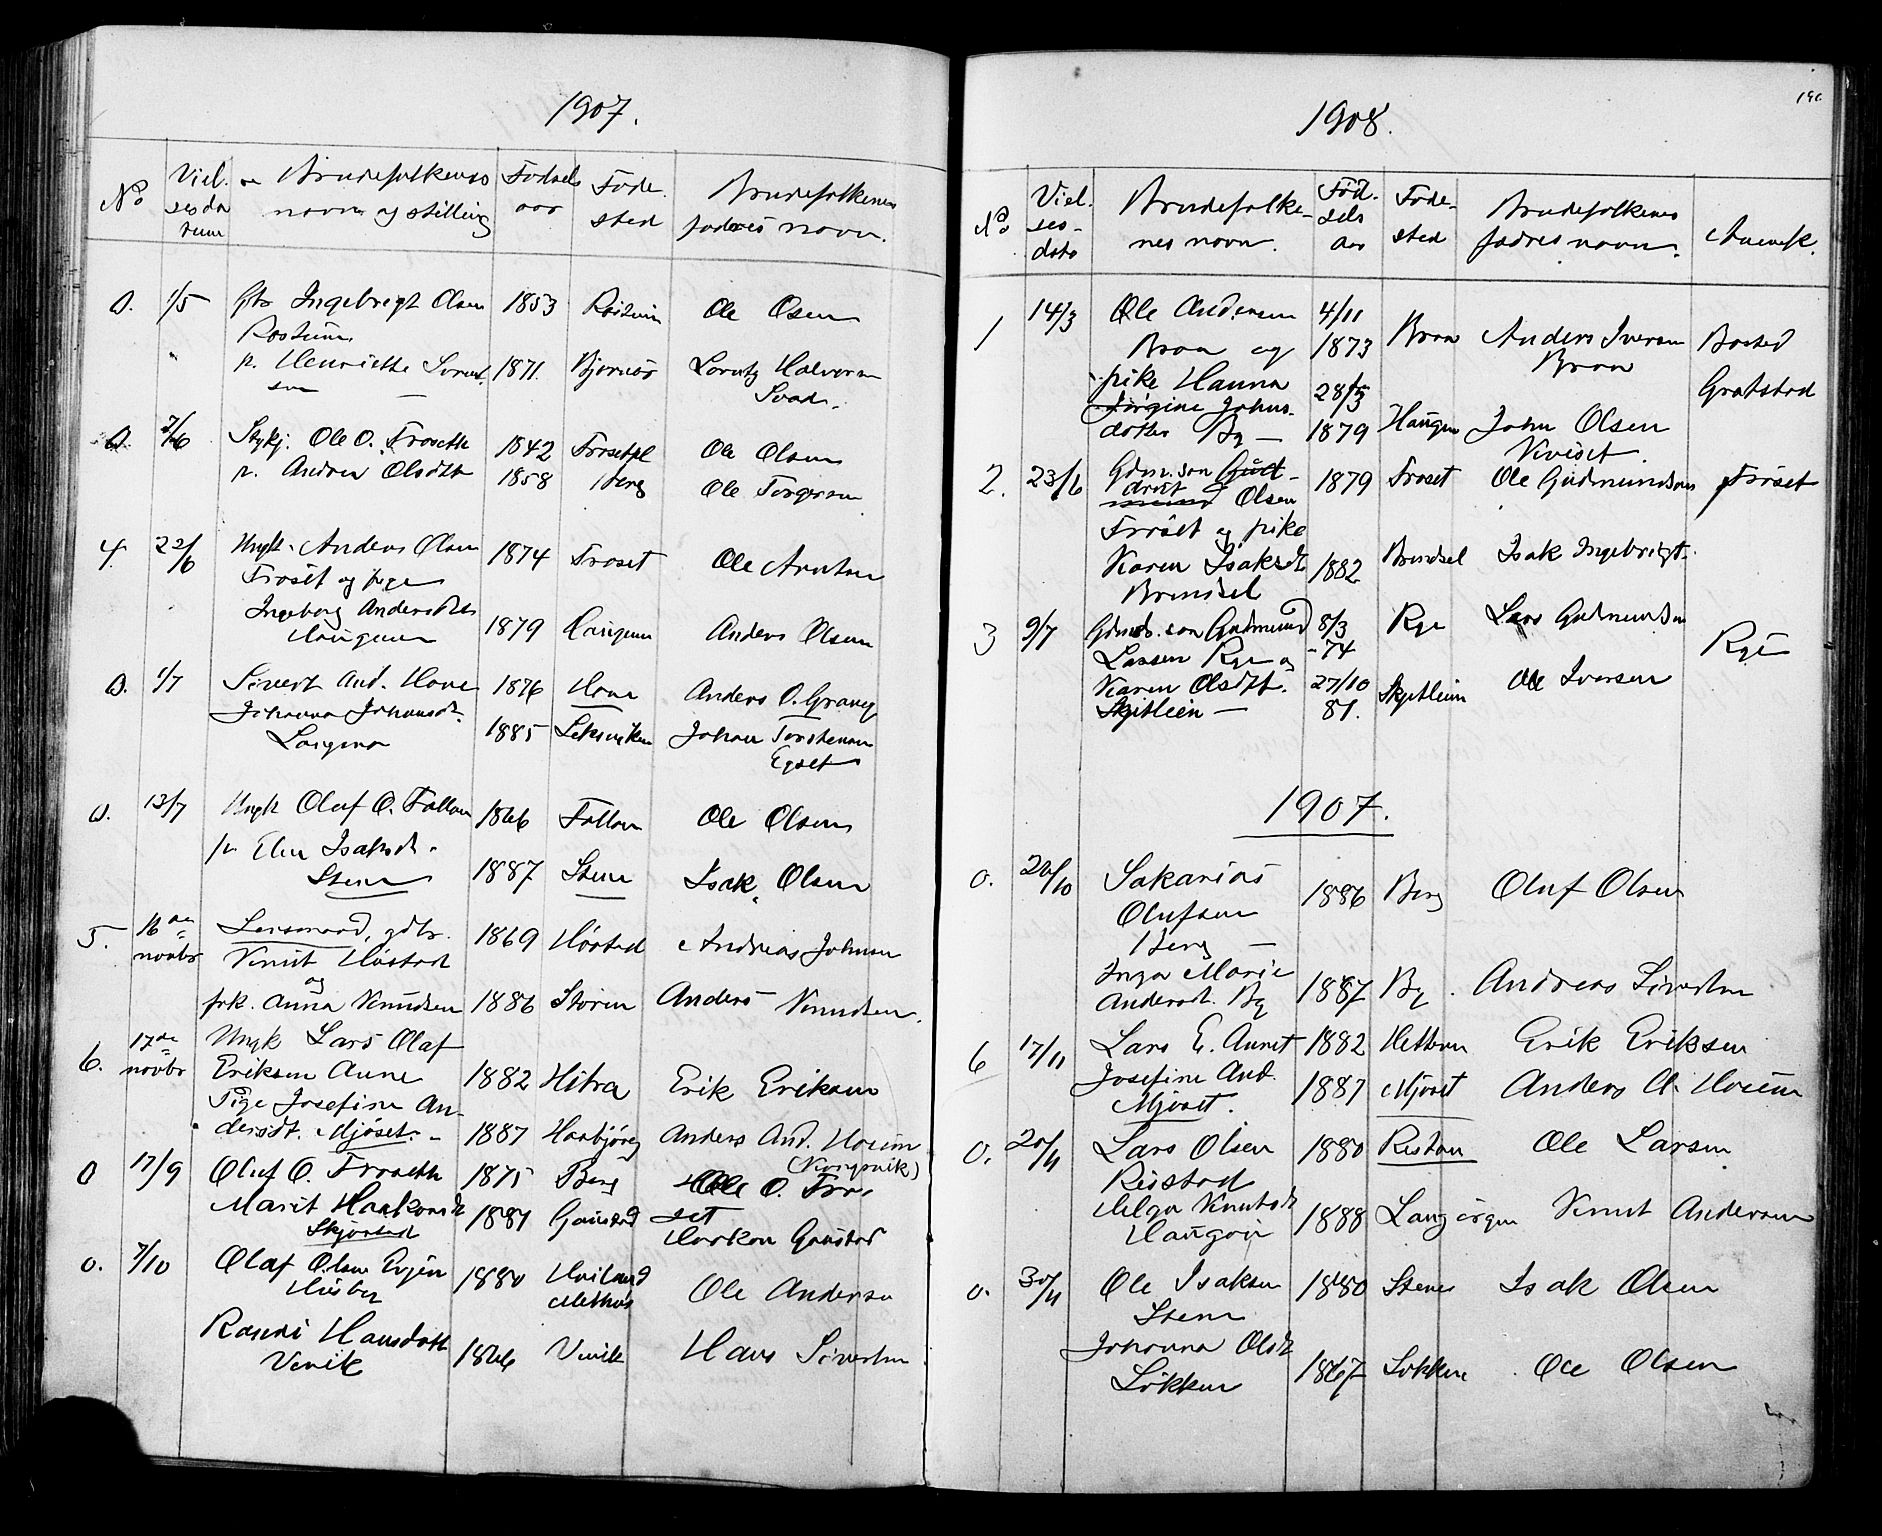 SAT, Ministerialprotokoller, klokkerbøker og fødselsregistre - Sør-Trøndelag, 612/L0387: Klokkerbok nr. 612C03, 1874-1908, s. 196